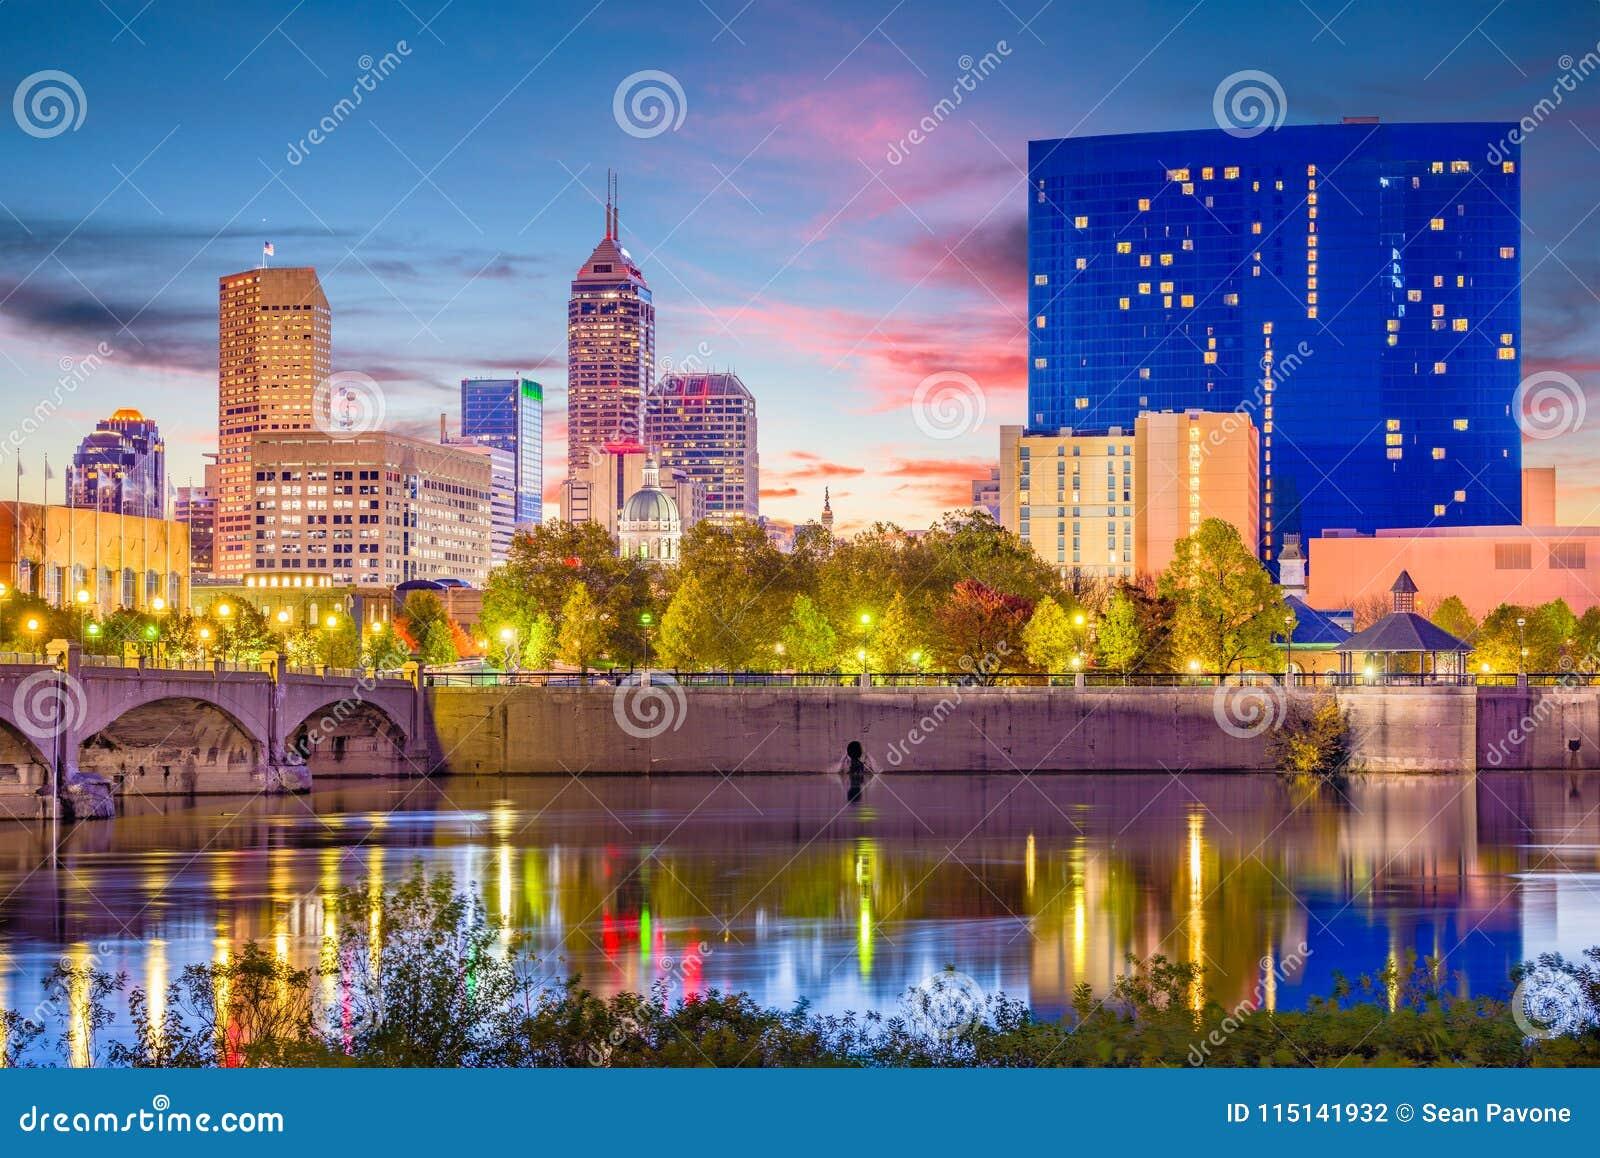 Skyline Indianapolis, Indiana, USA